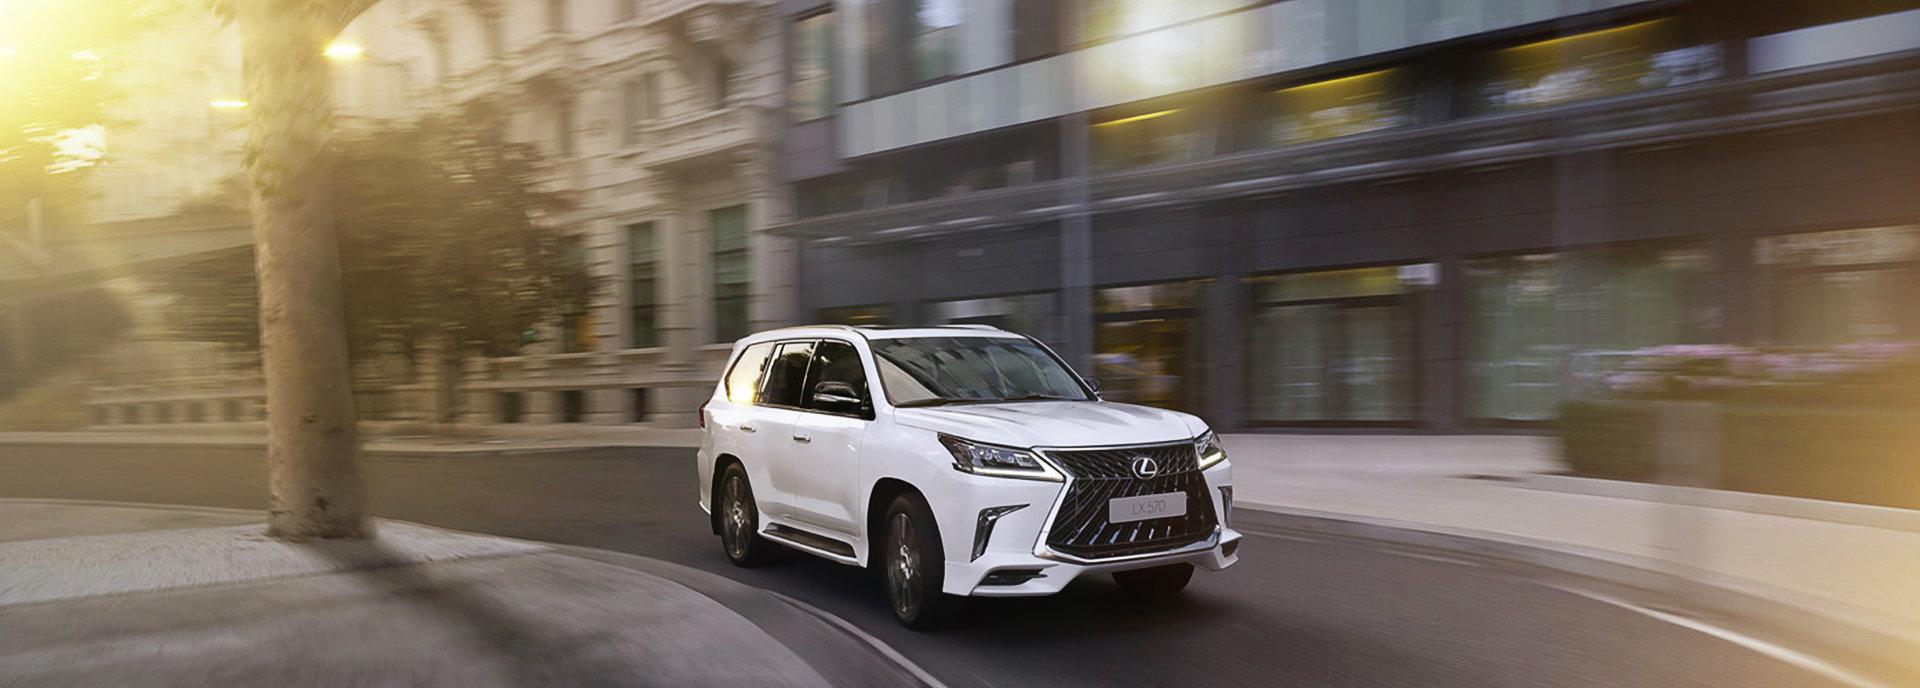 старт замовлень на нову версію преміум позашляховика Lexus LX